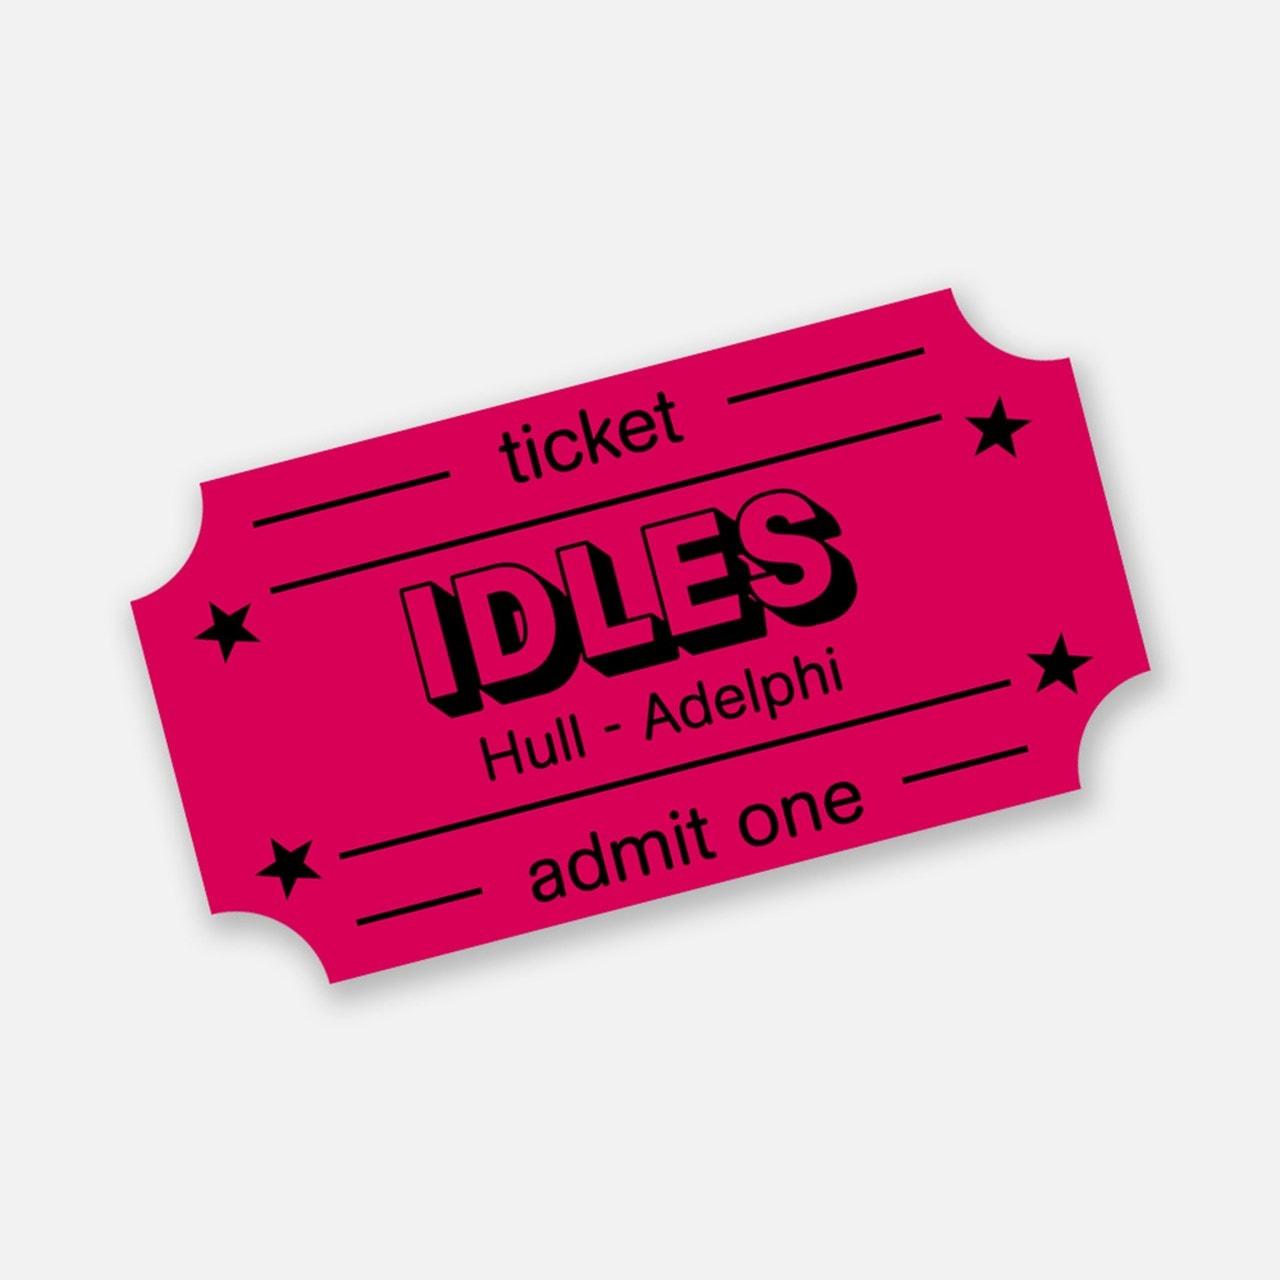 Idles - Ultra Mono - Hull Adelphi e-Ticket - 1